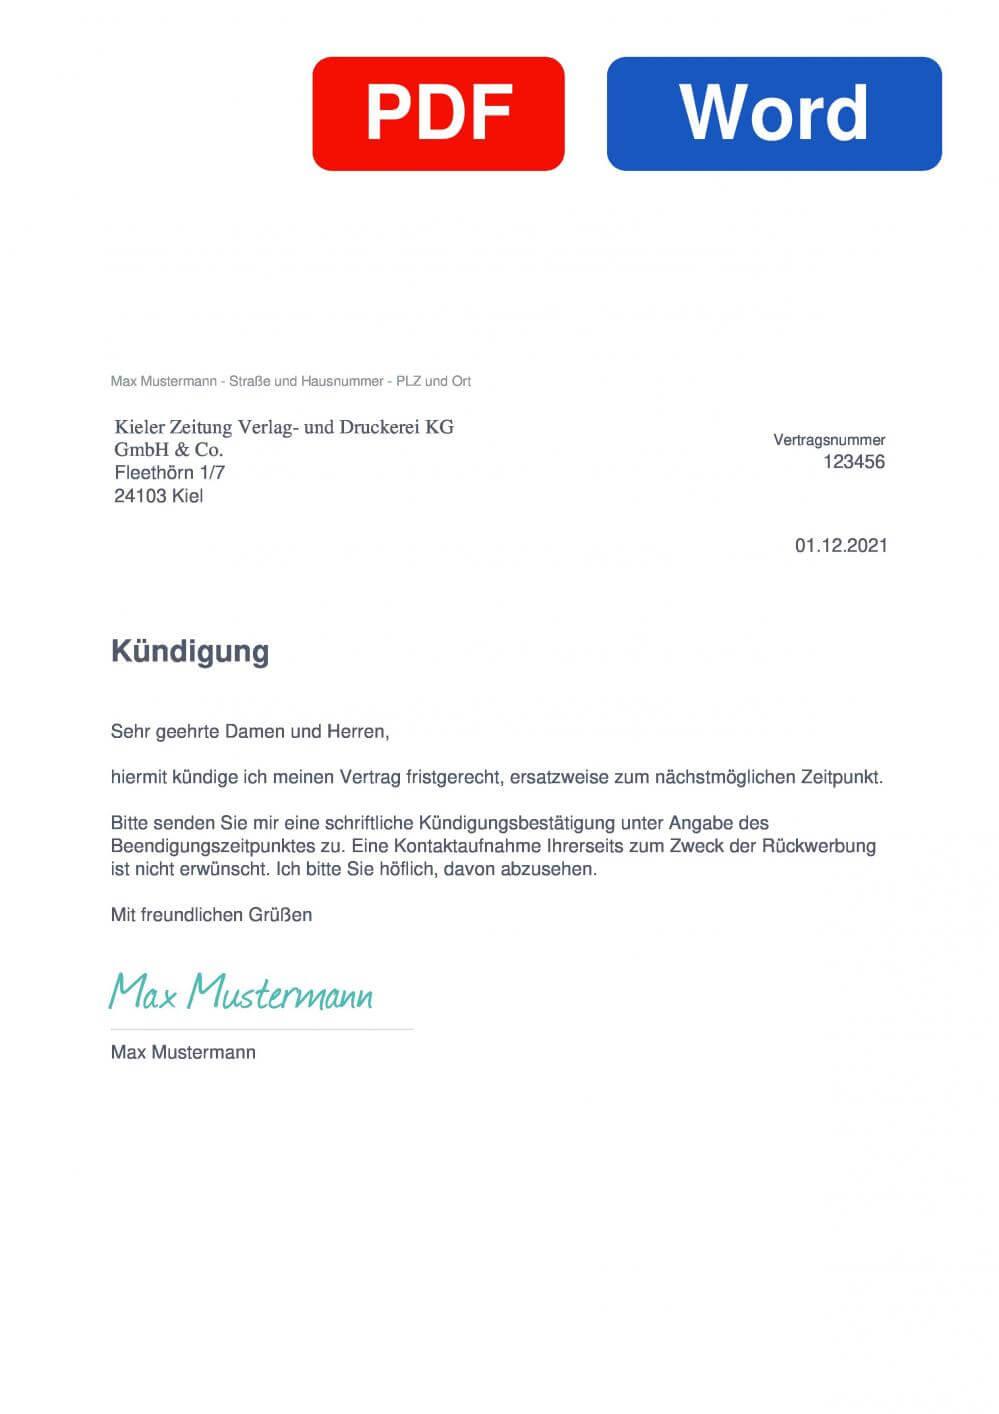 Kieler Nachrichten Muster Vorlage für Kündigungsschreiben